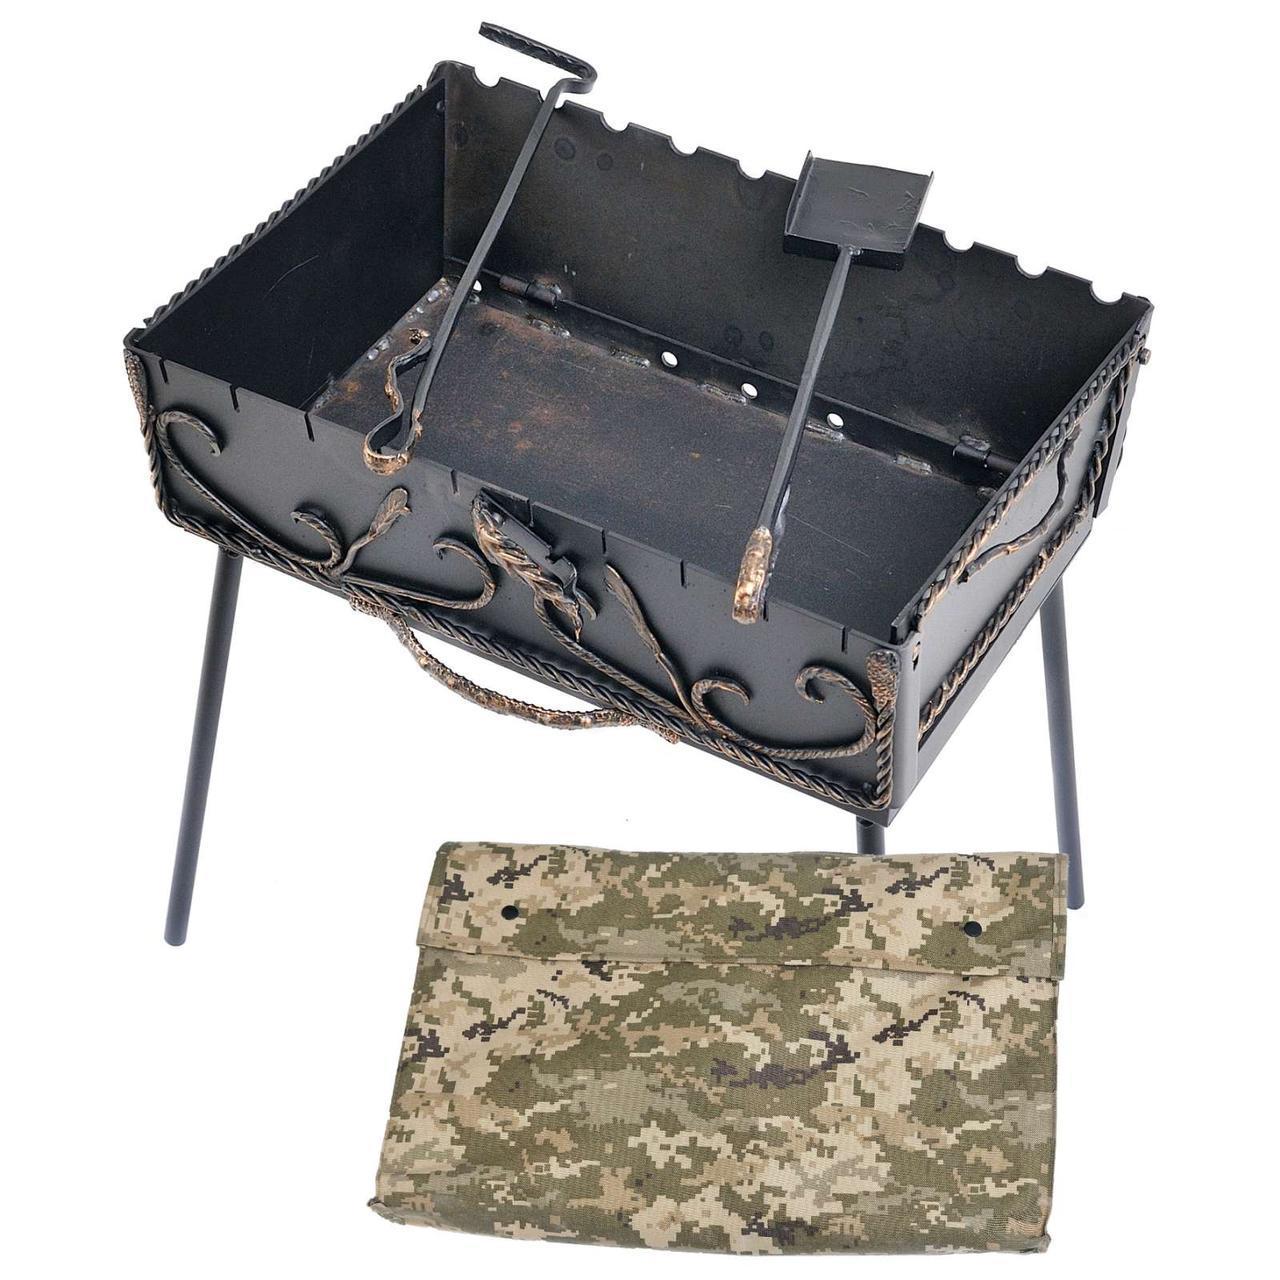 Мангал-валіза 3 мм на 10 шампурів 50х40х18 см з ковкою (Складаний, розкладний Барбекю)